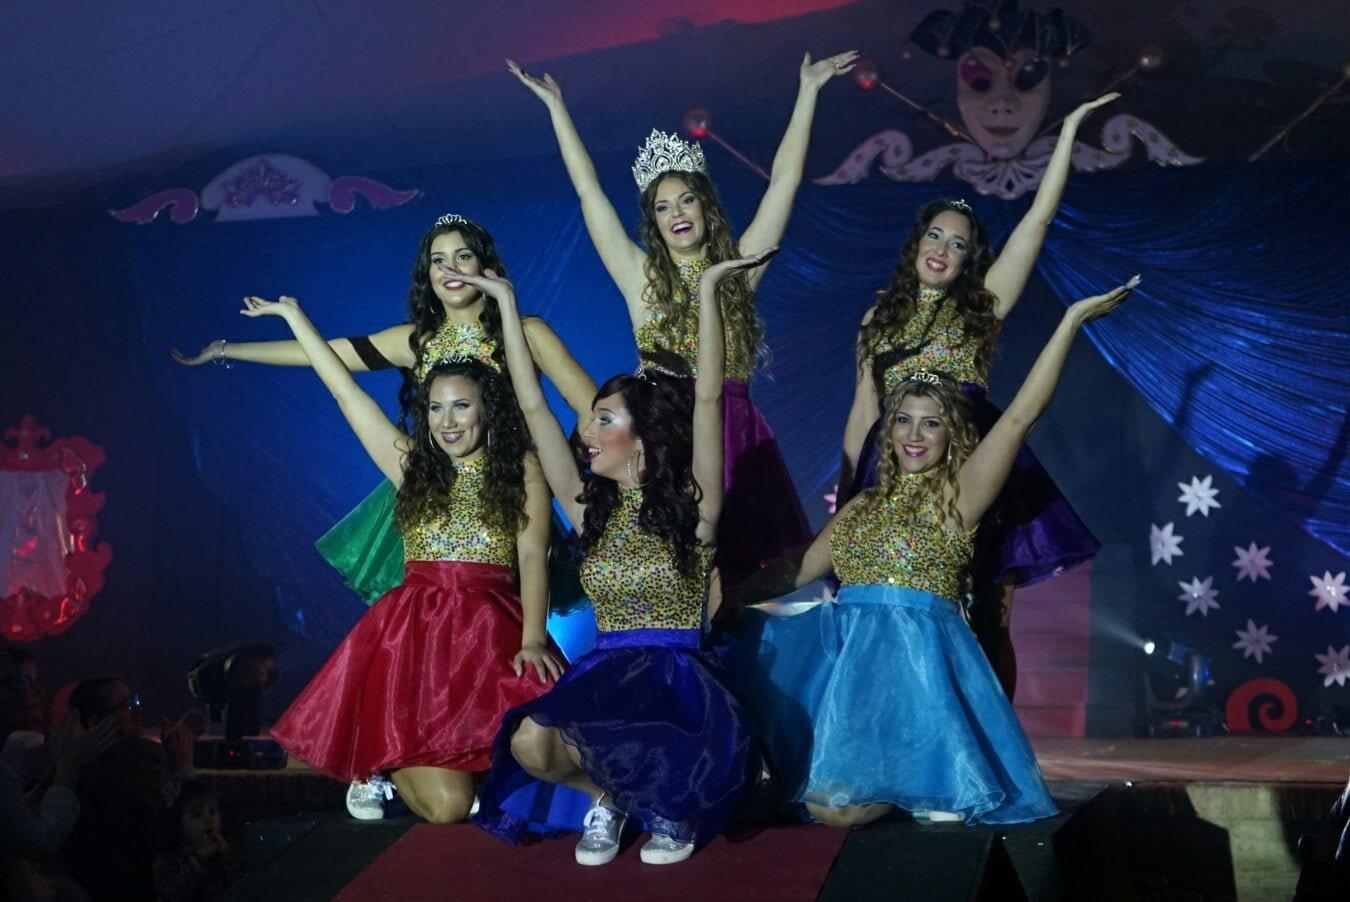 El espectáculo de la elección de reina juvenil fue bonito en Ayamonte.